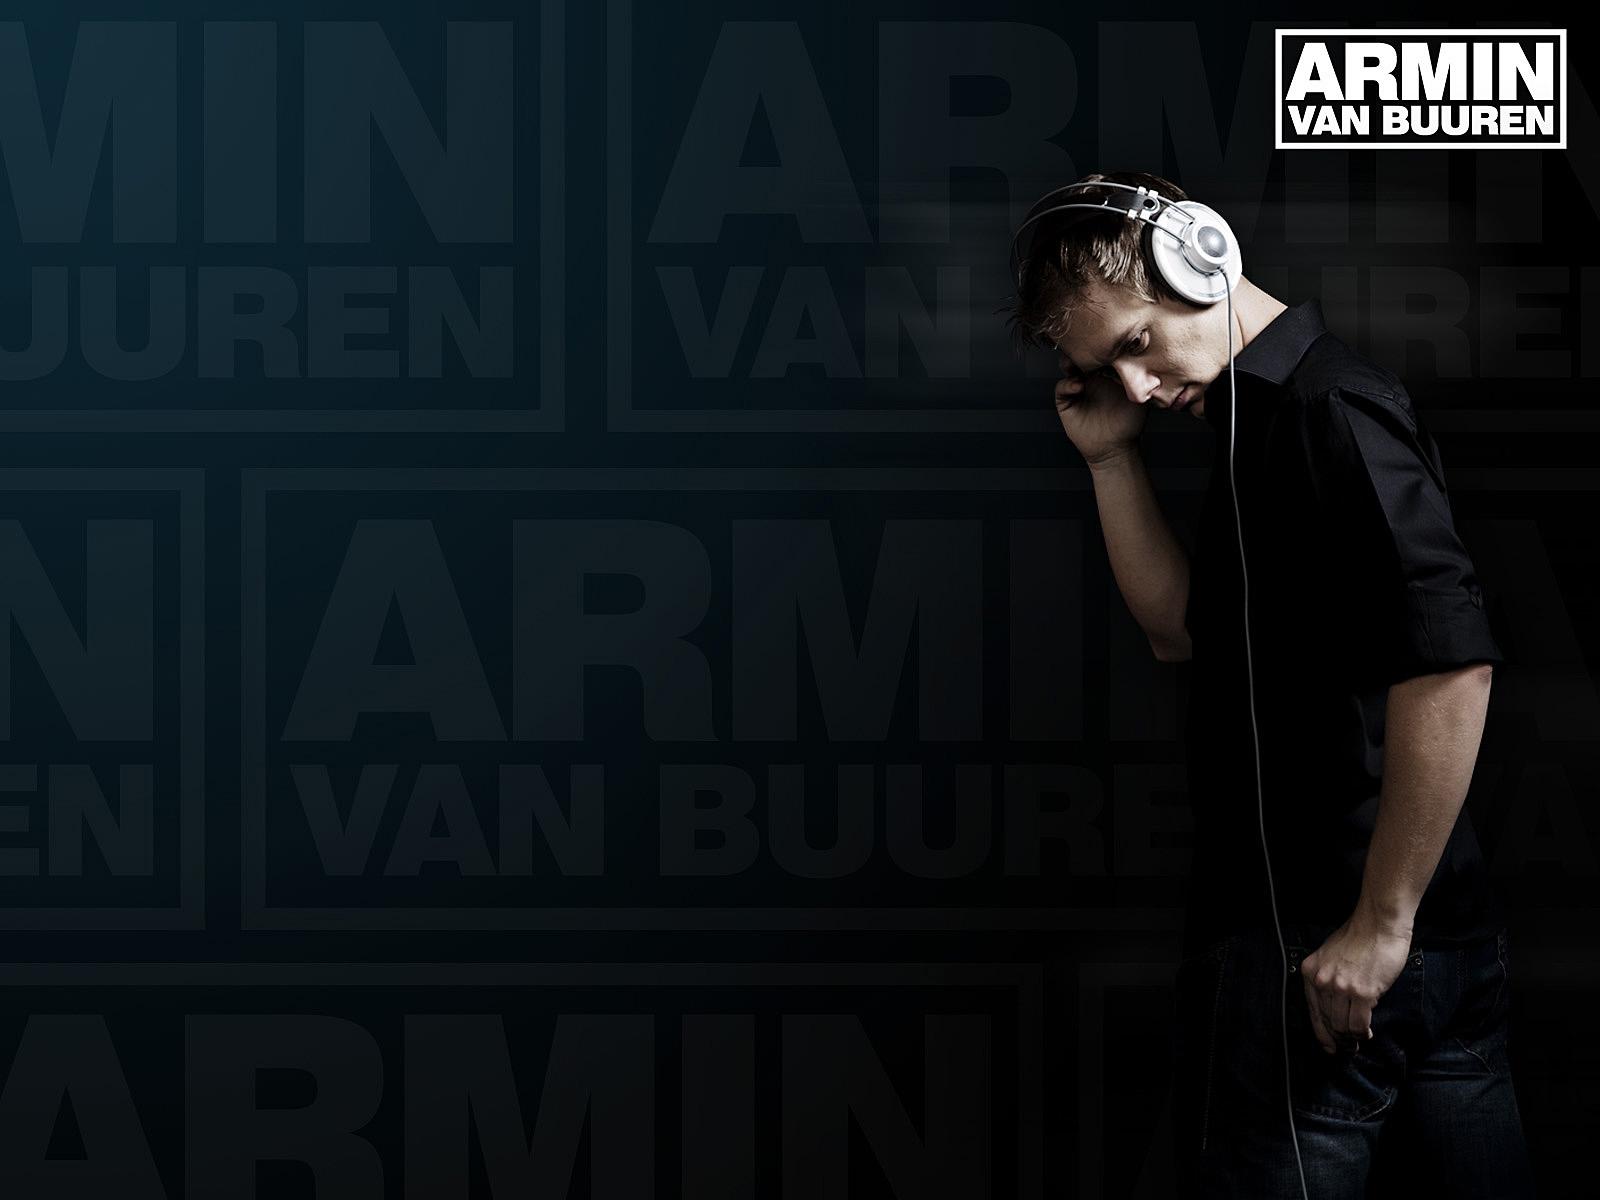 Armin Van Buuren Wallpapers-1